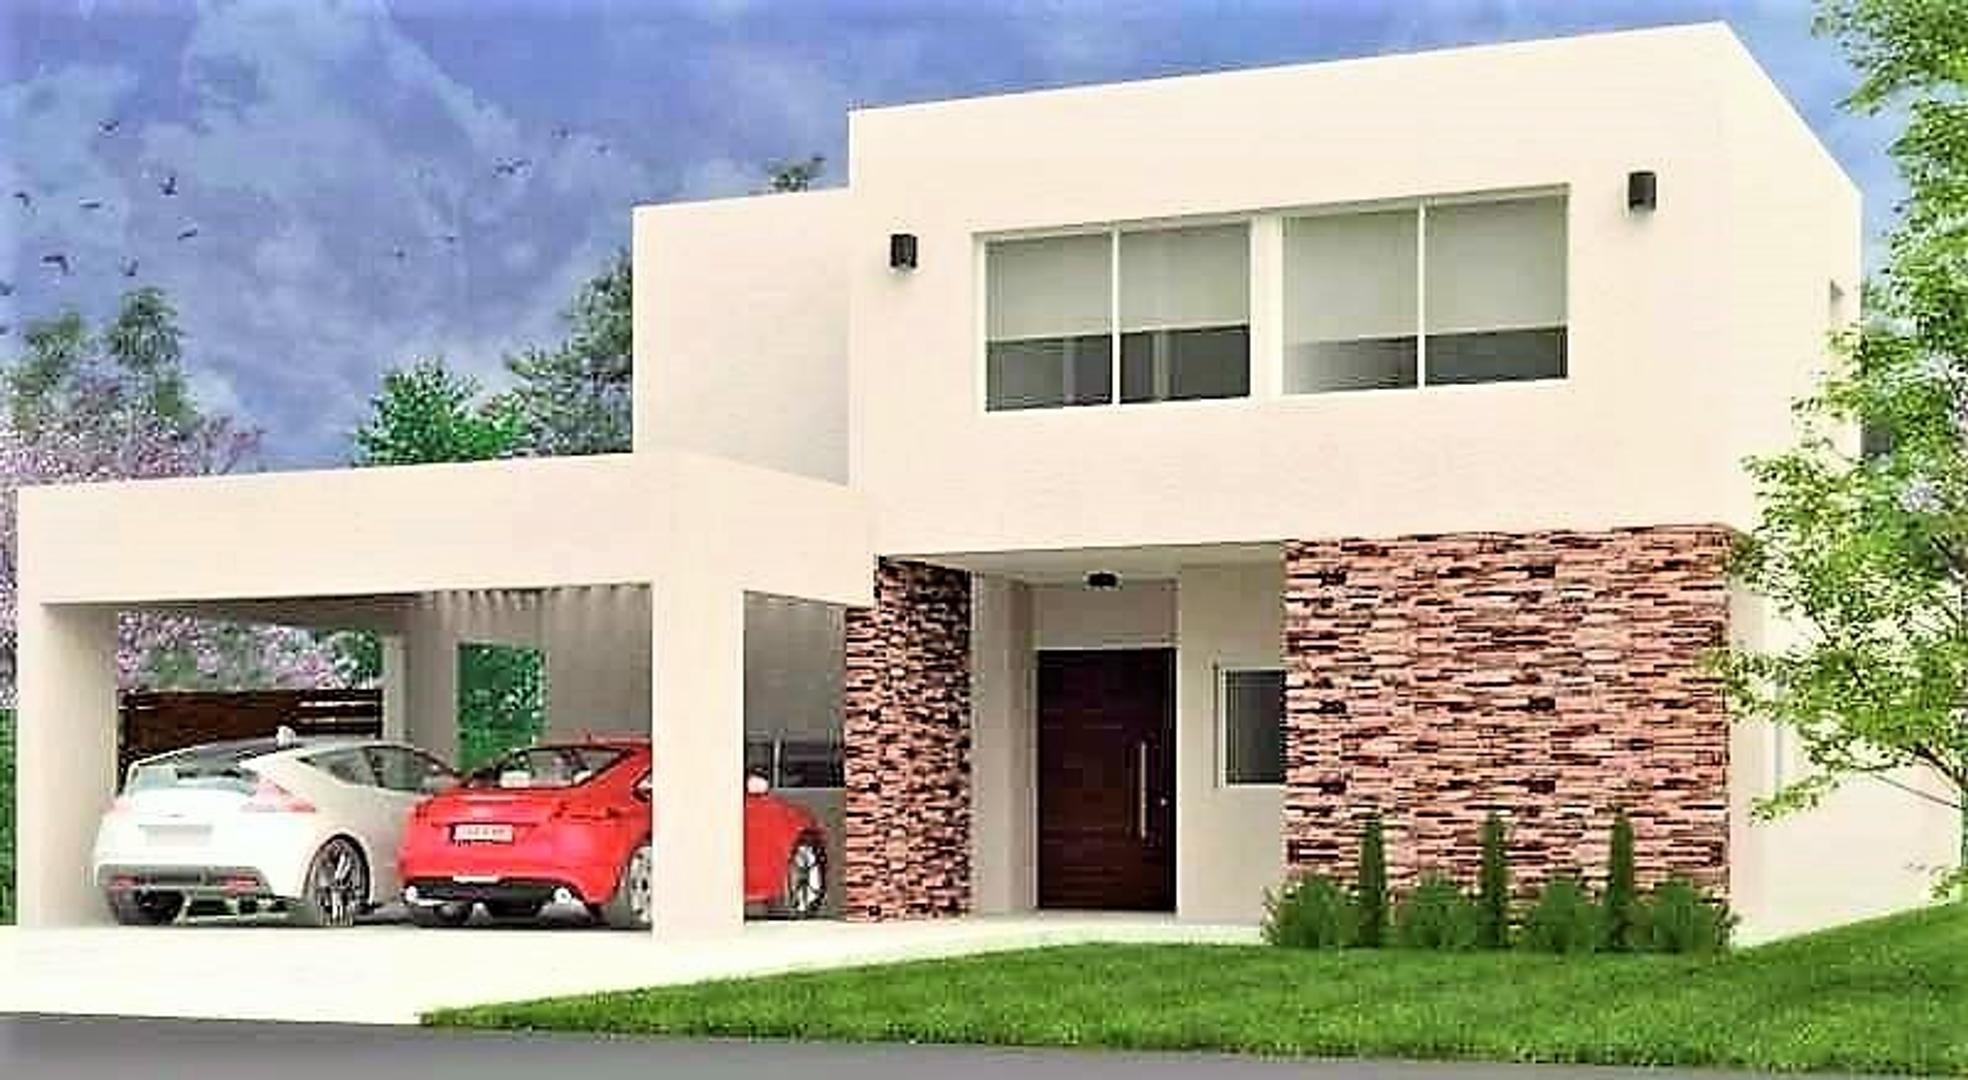 Casa en Venta en Campo Grande - 5 ambientes